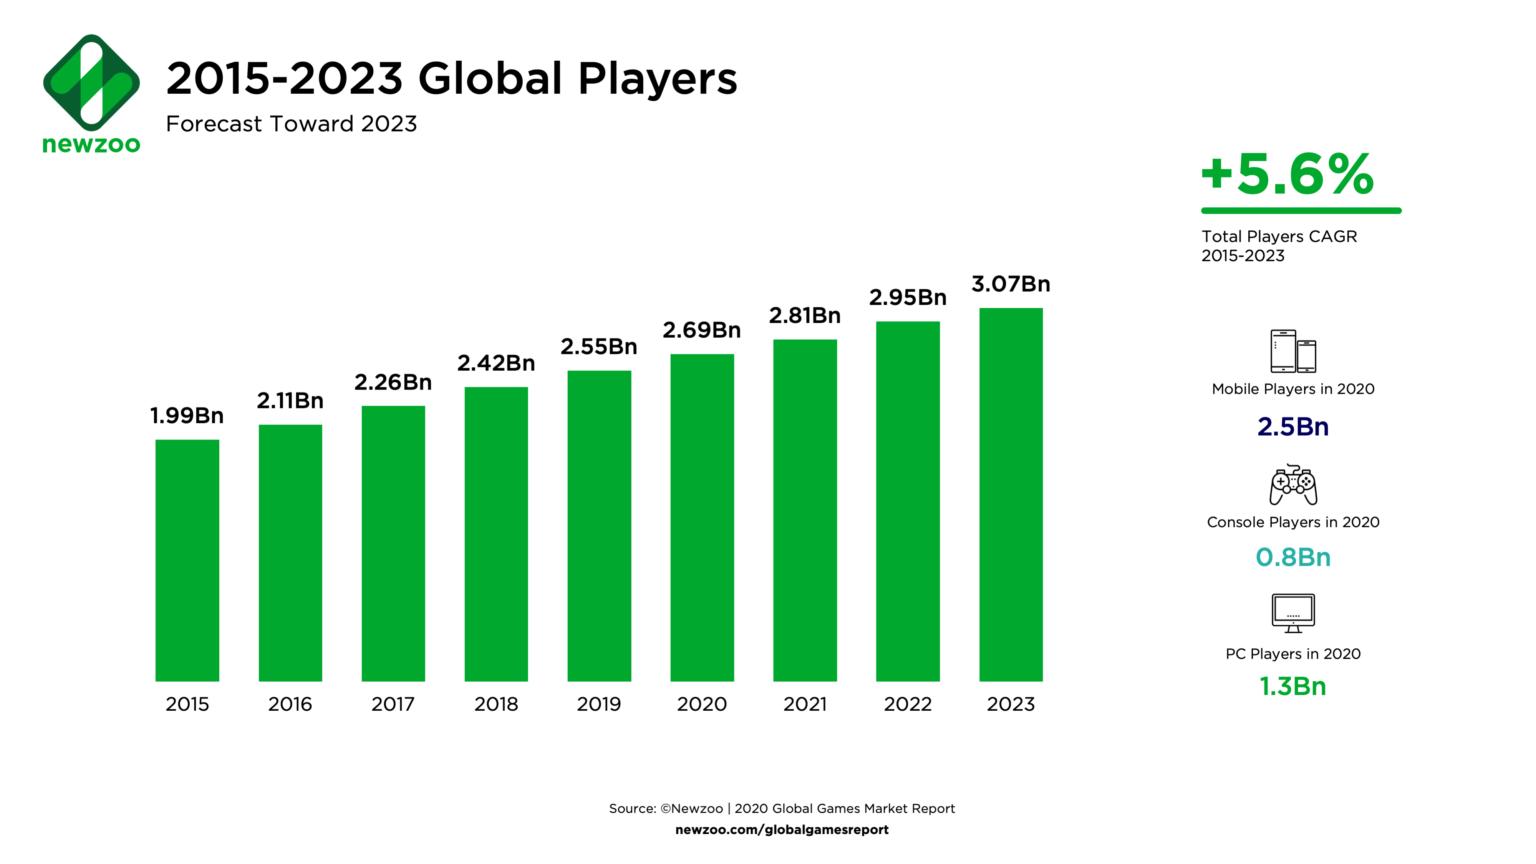 jumlah gamer di 2020